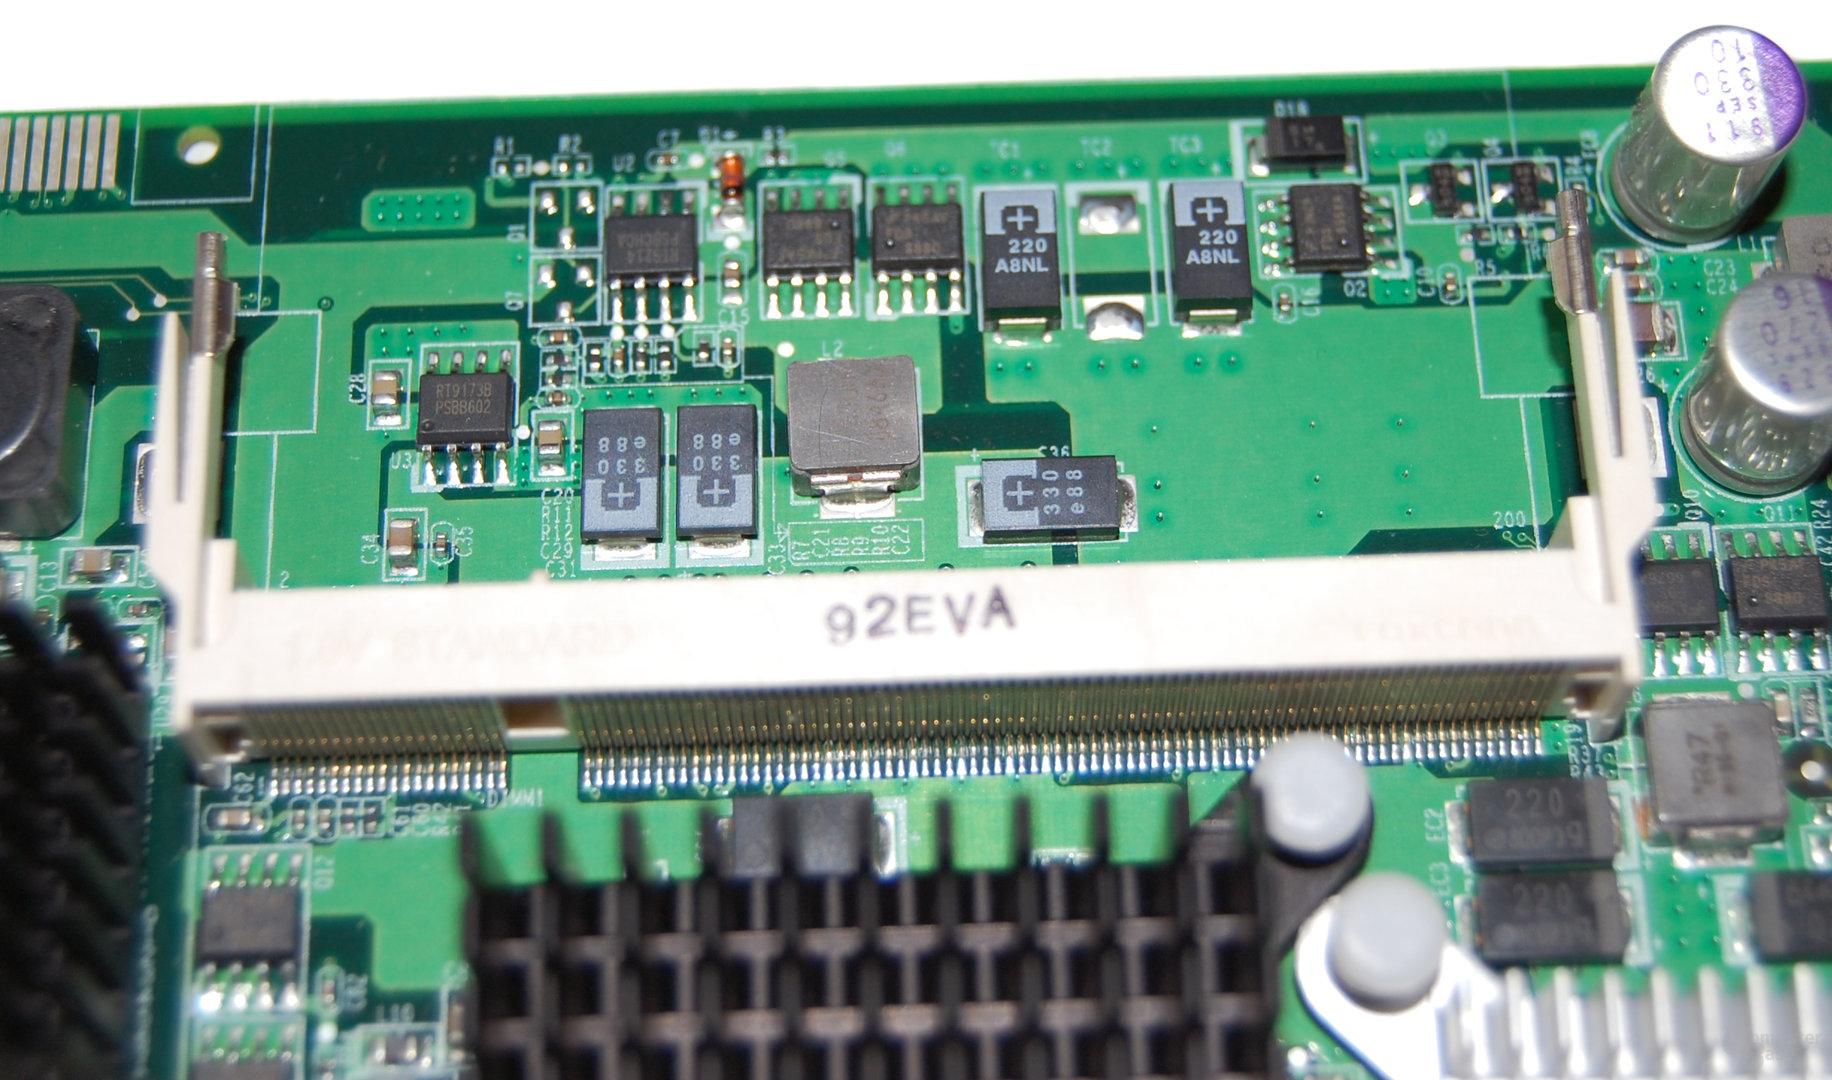 QNAP SS-439 Pro